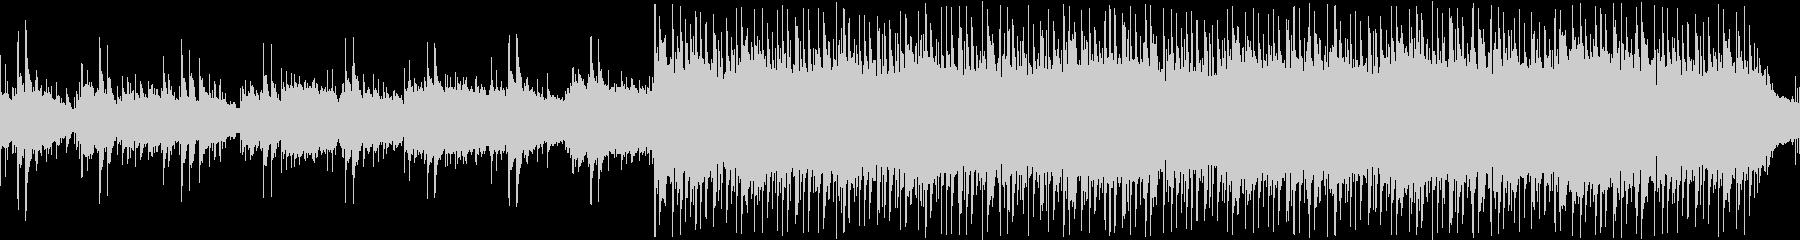 メロウで陶酔感のあるエレクトロニカループの未再生の波形